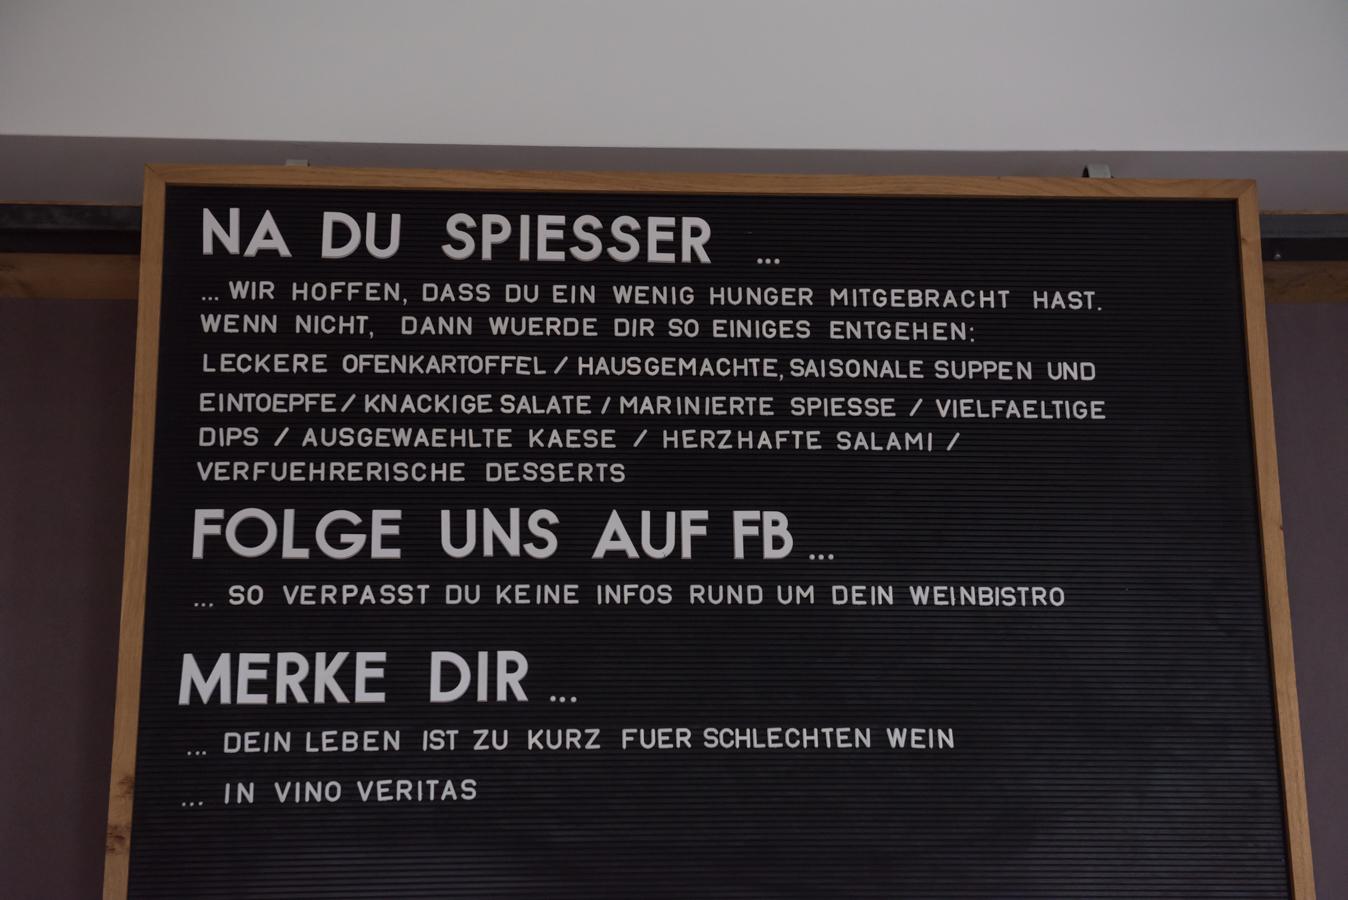 Weinbistro Spiesser Essen Rüttenscheid